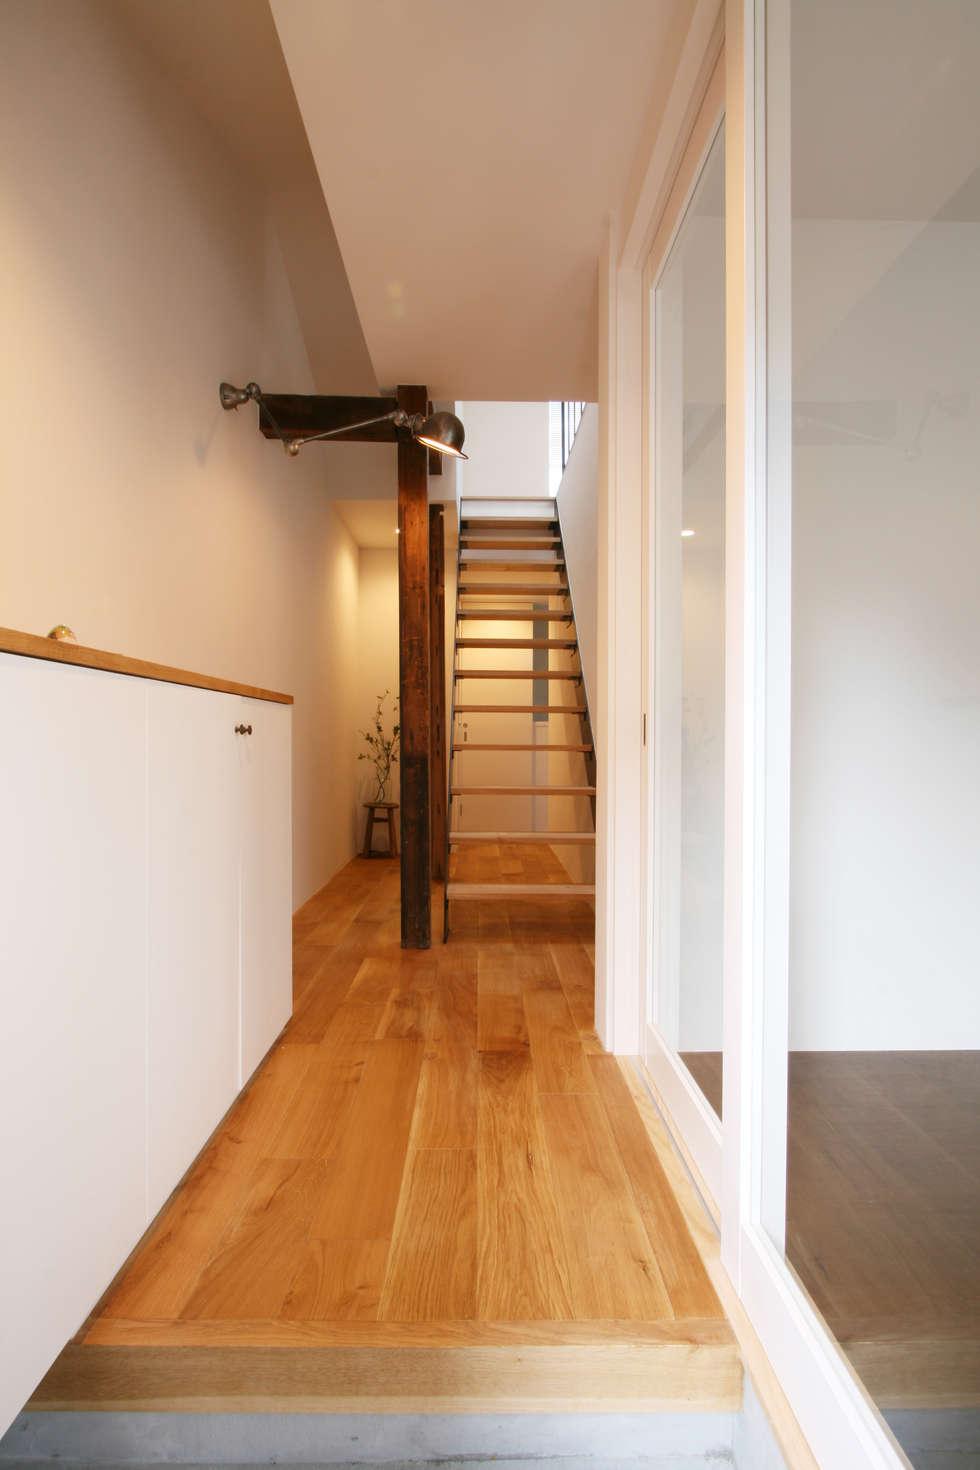 玄関から廊下: 一級建築士事務所expoが手掛けた家です。